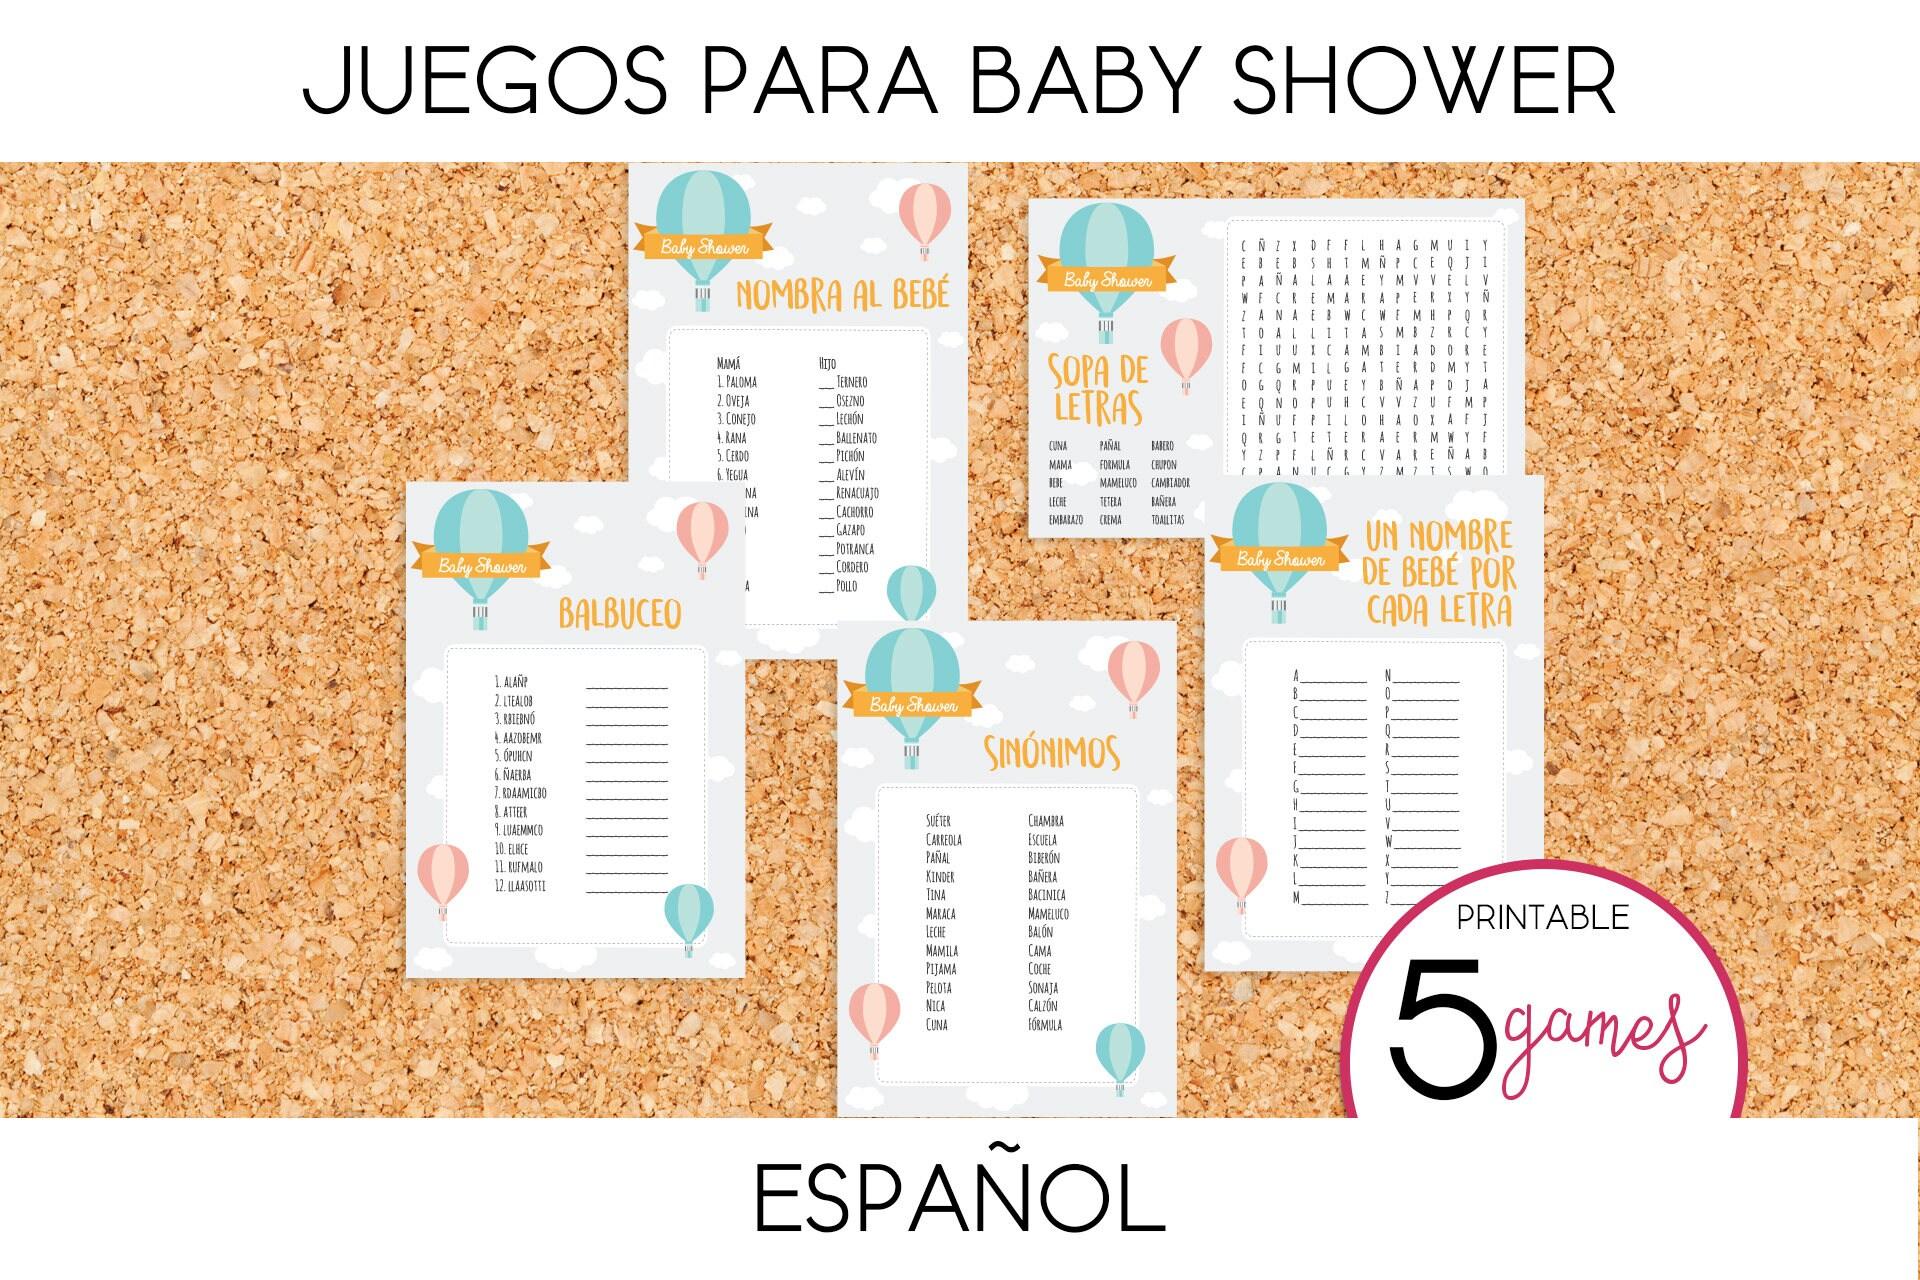 Juegos Para Baby Shower Globo Aerostatico